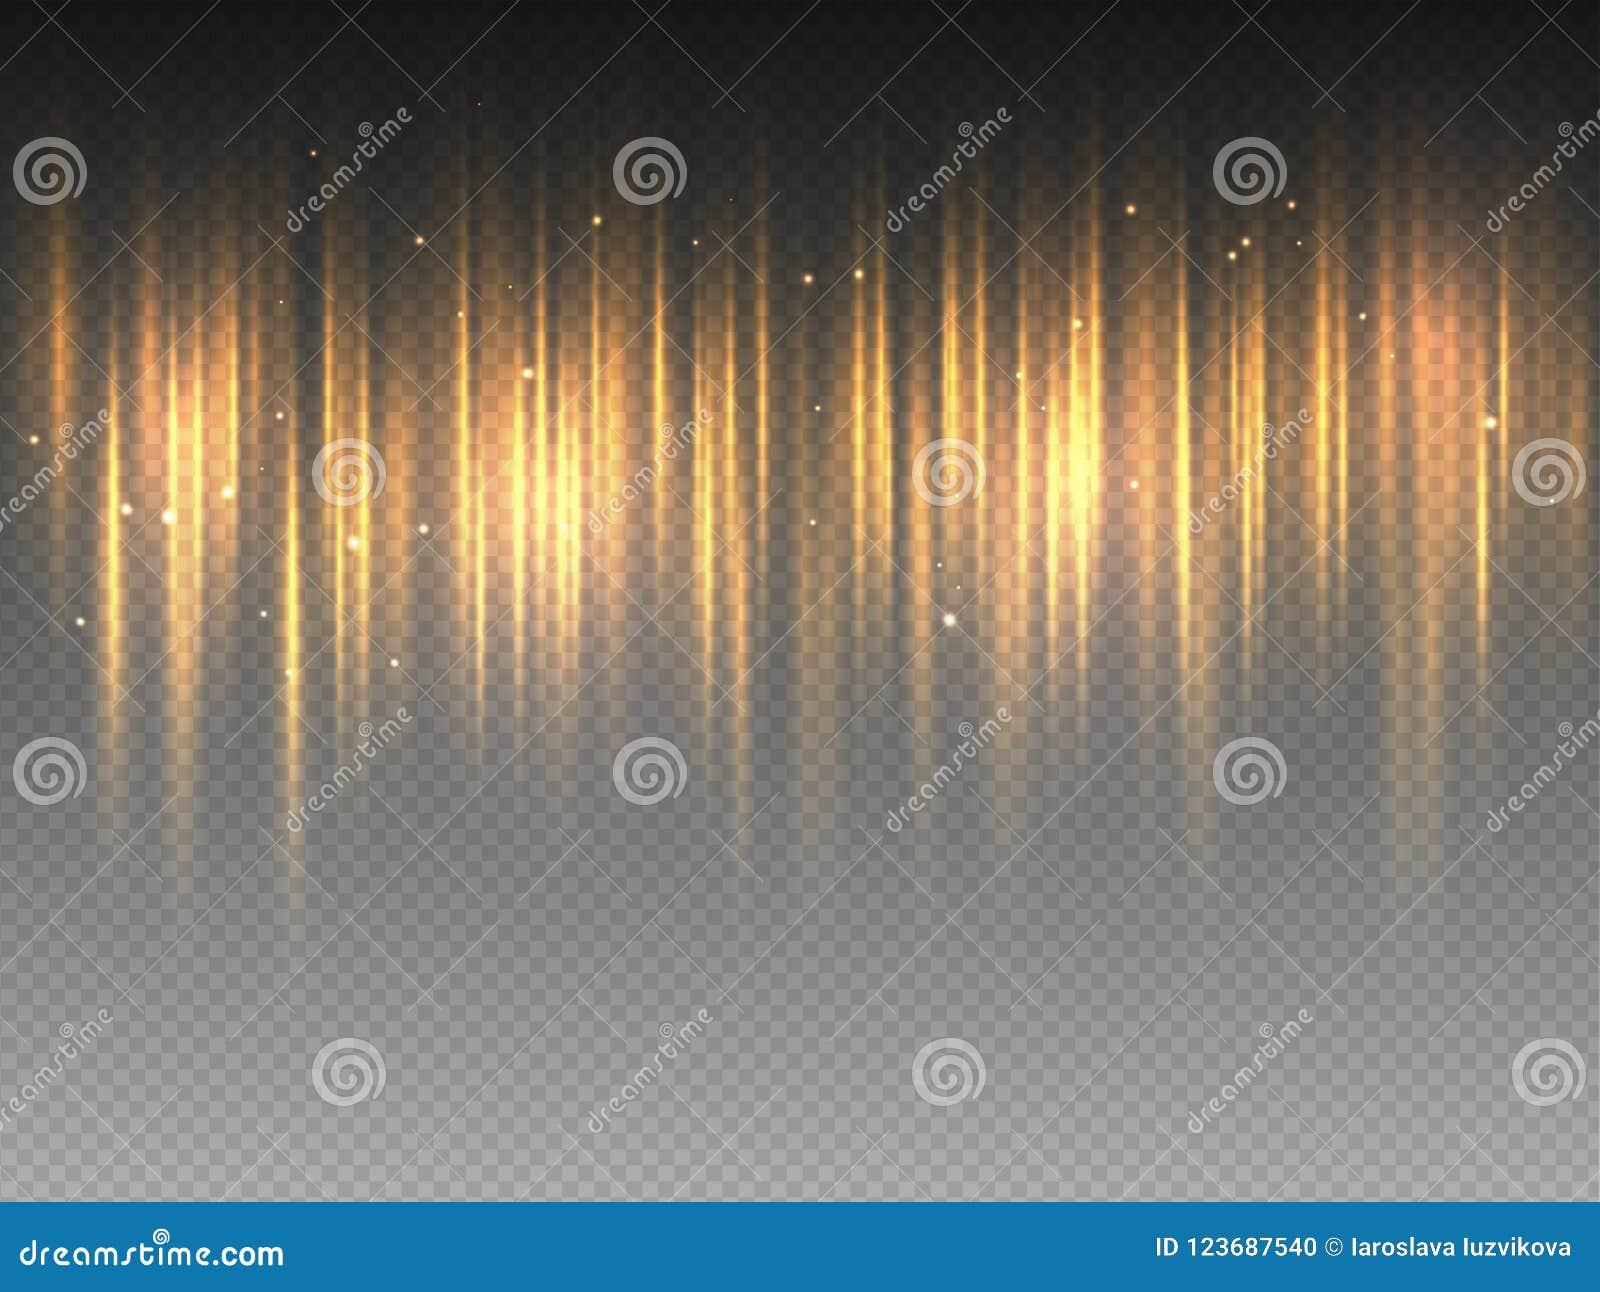 De verticale gouden gele pulserende stralen van de uitstralingsgloed op transparante achtergrond Vector abstracte illustratie van